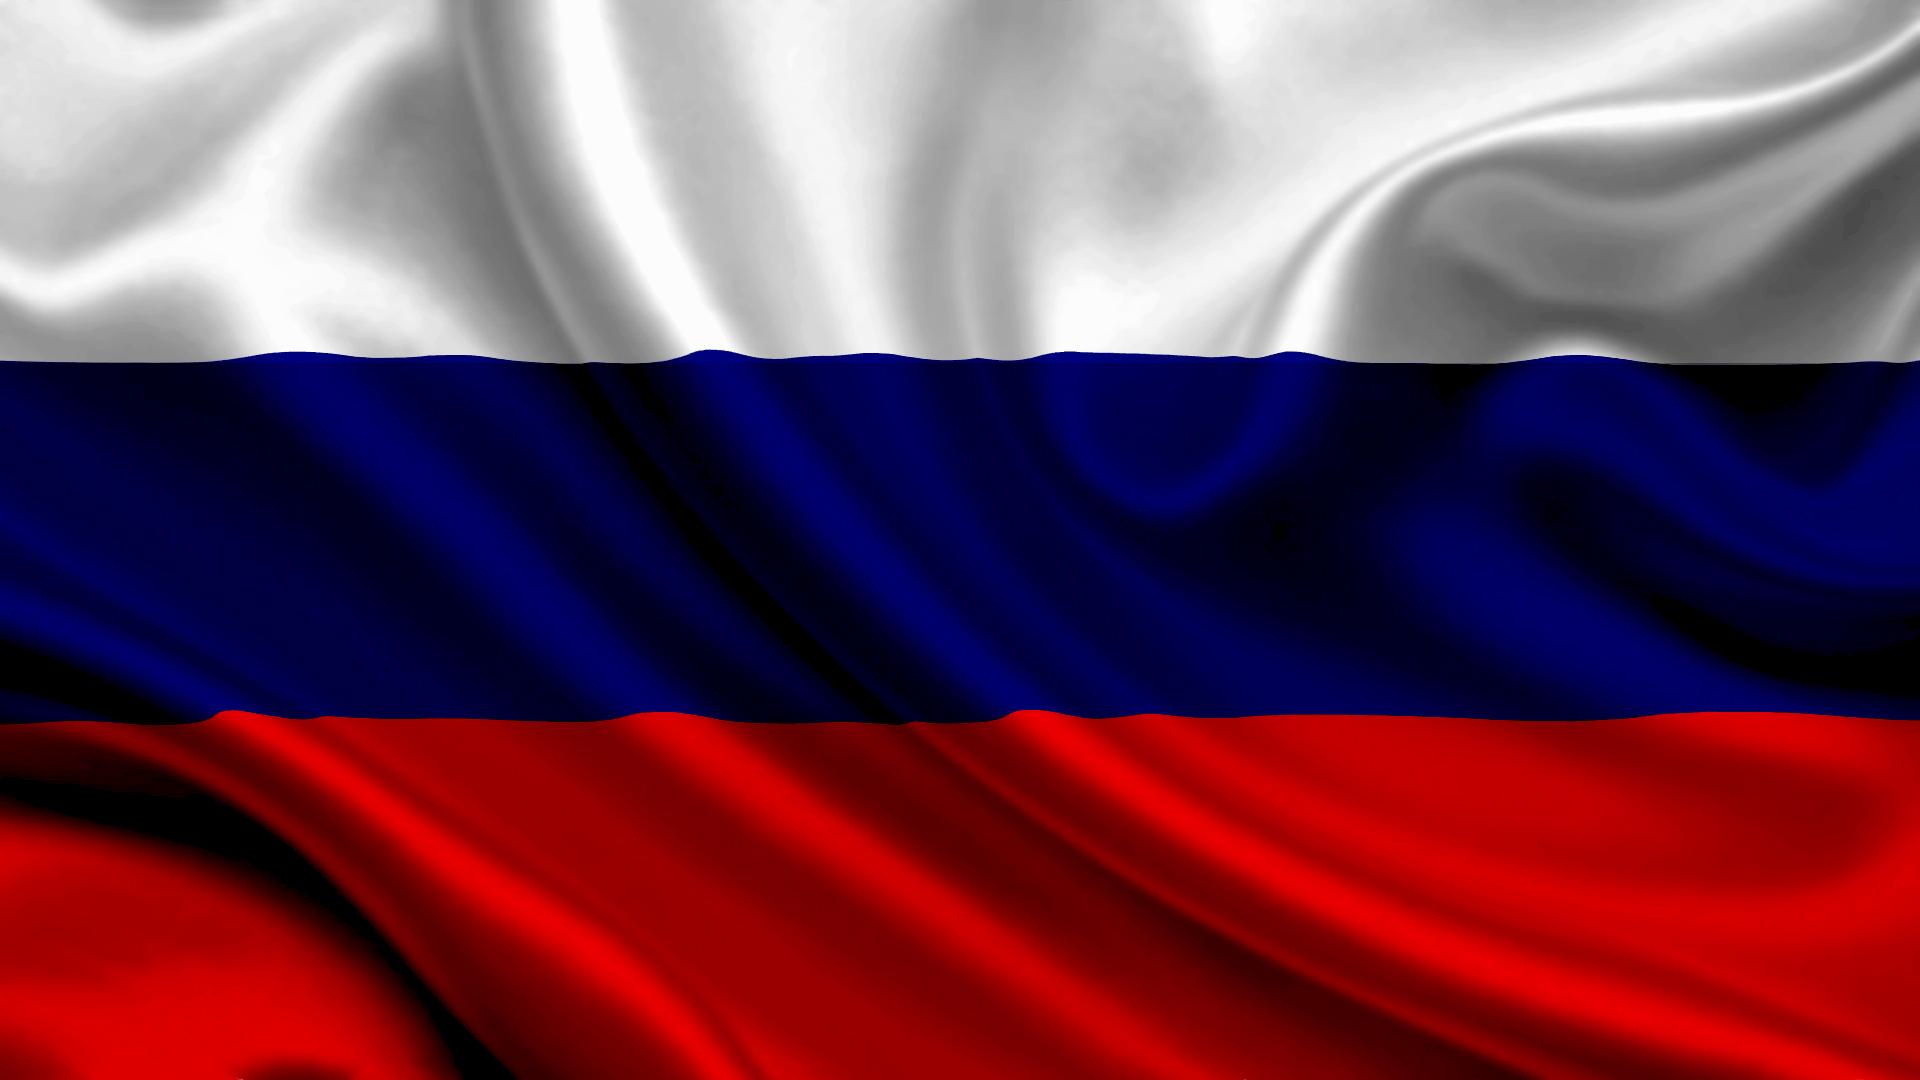 Ипотеку ожидают новые приключения: причины и следствия в обзоре ЦБ РФ